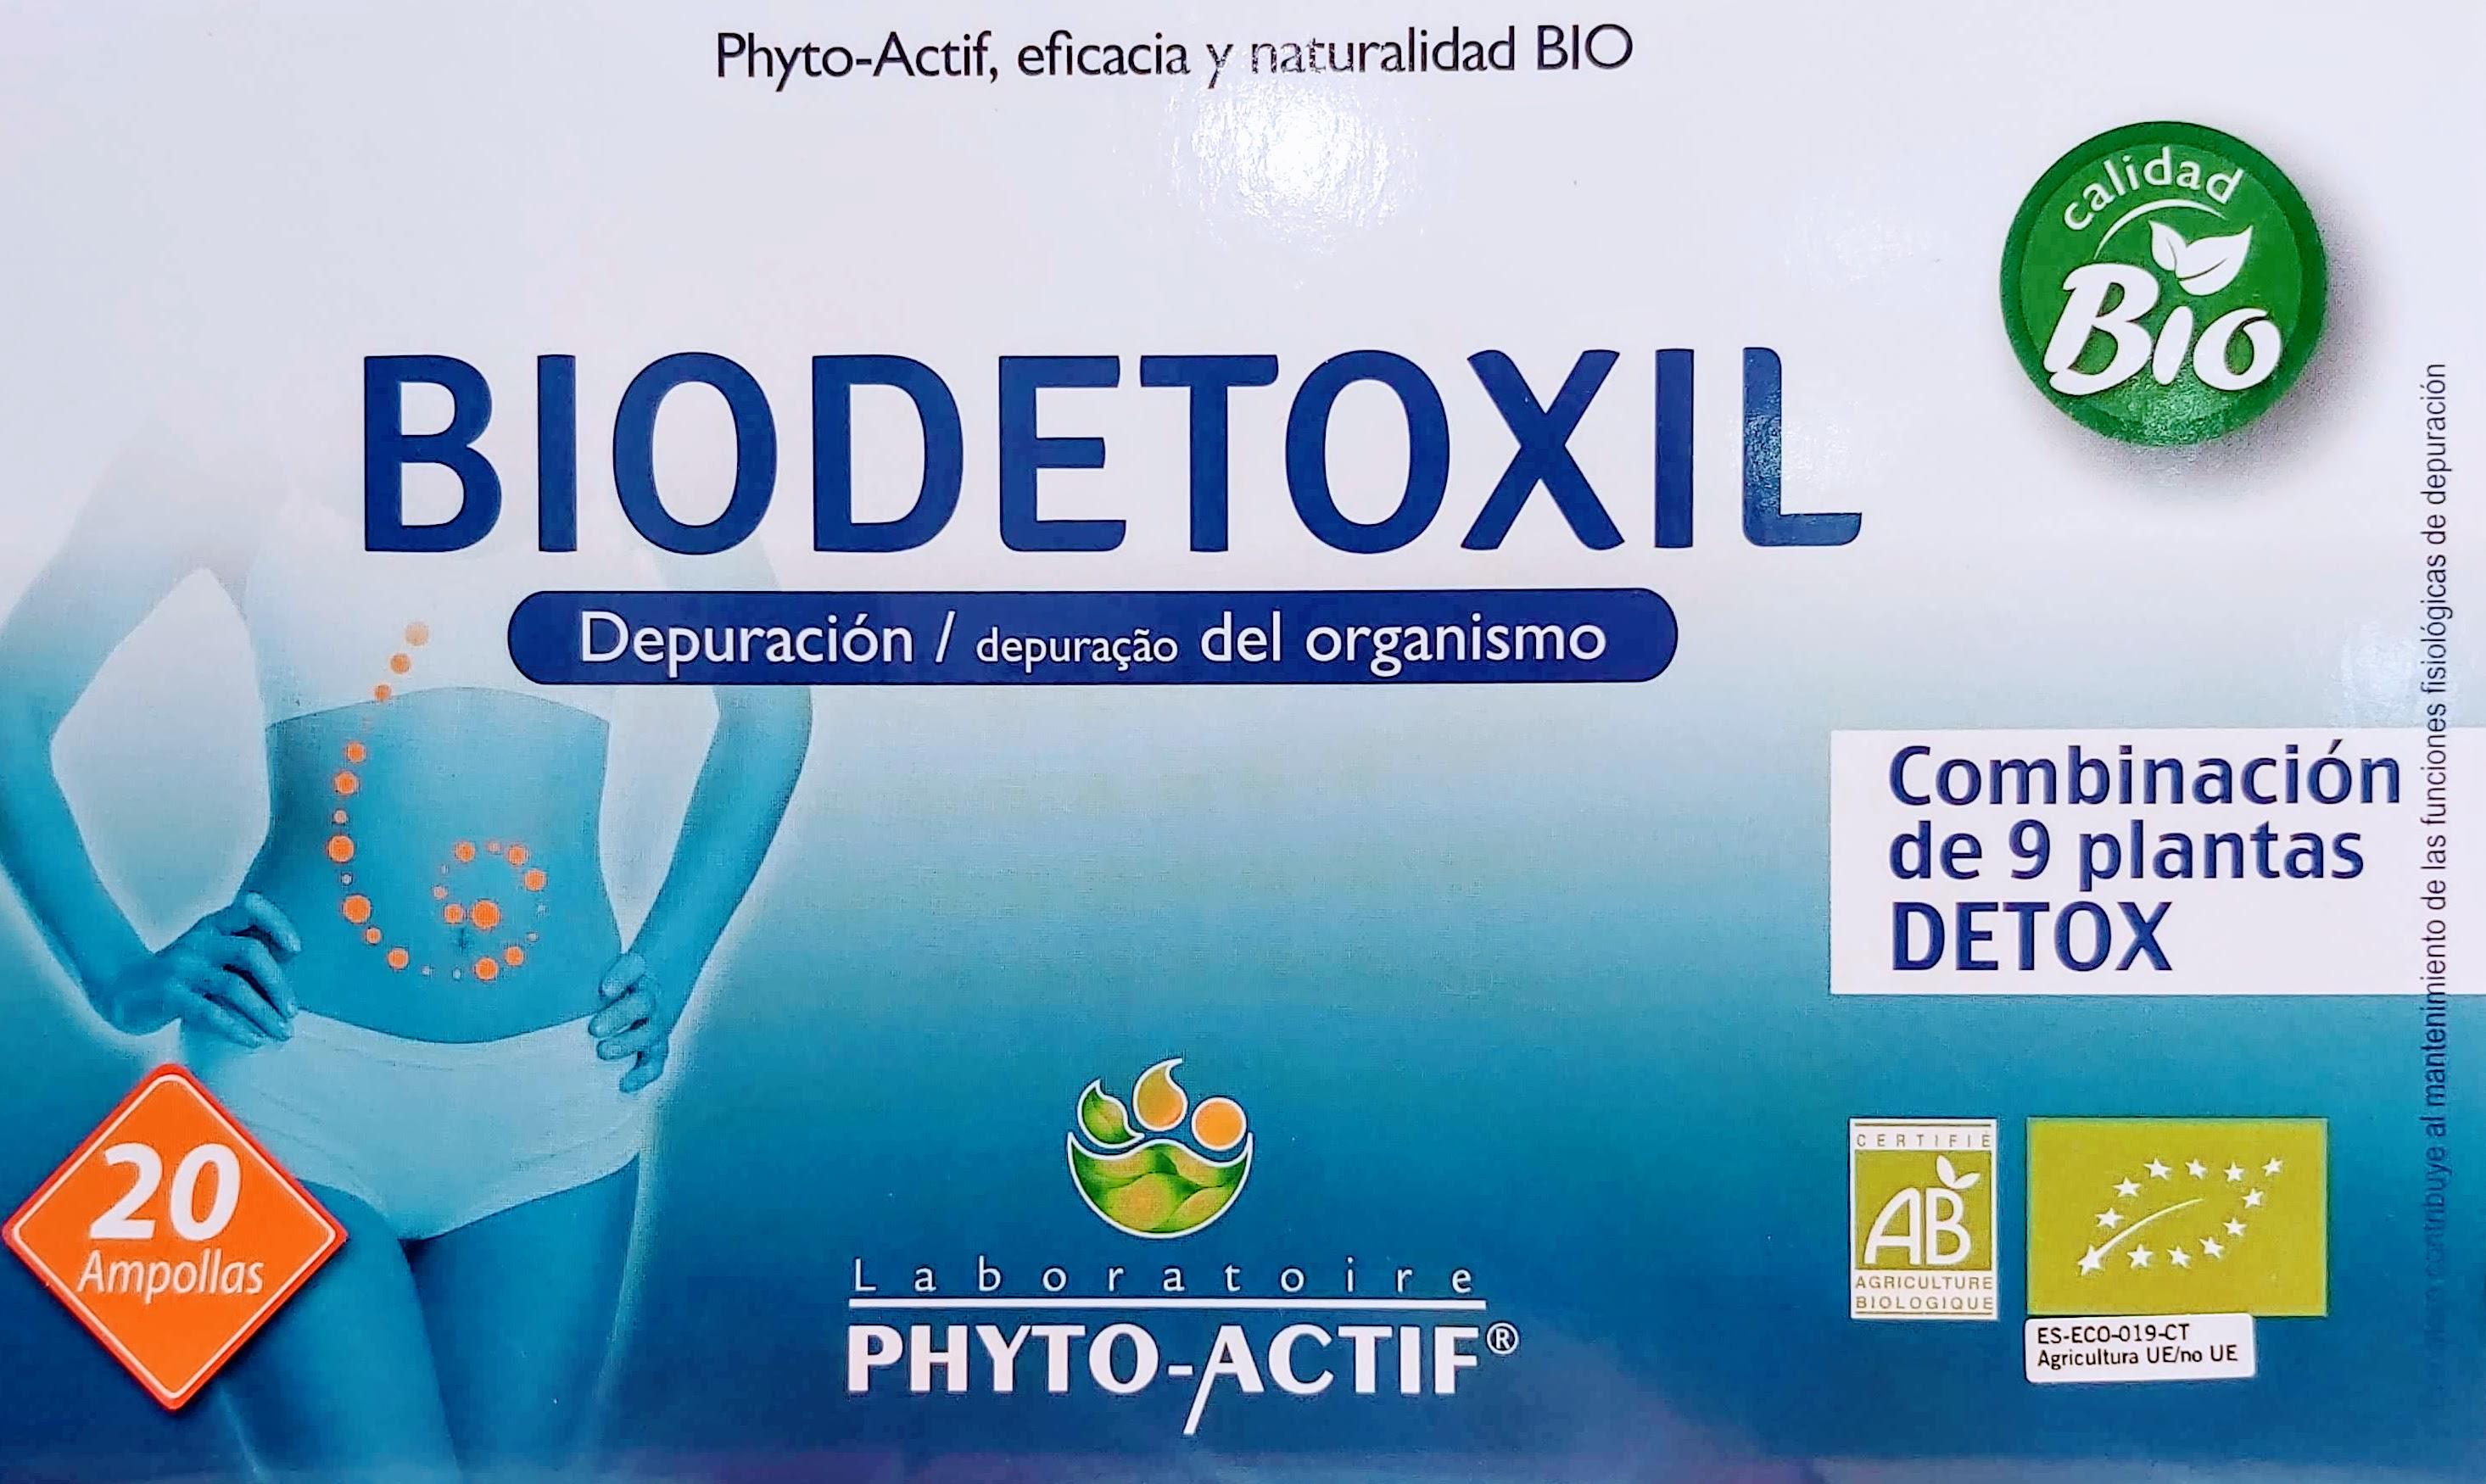 Comprar Biodetoxil Phyto-Actif Depuración del Organismo extractos de romero, fumaria, bardana, casis, té verde, uva roja, gel de aloe, extractos de hojas y raíz de diente de león el romero contribuye al mantenimiento de las funciones fisiológicas de depuración